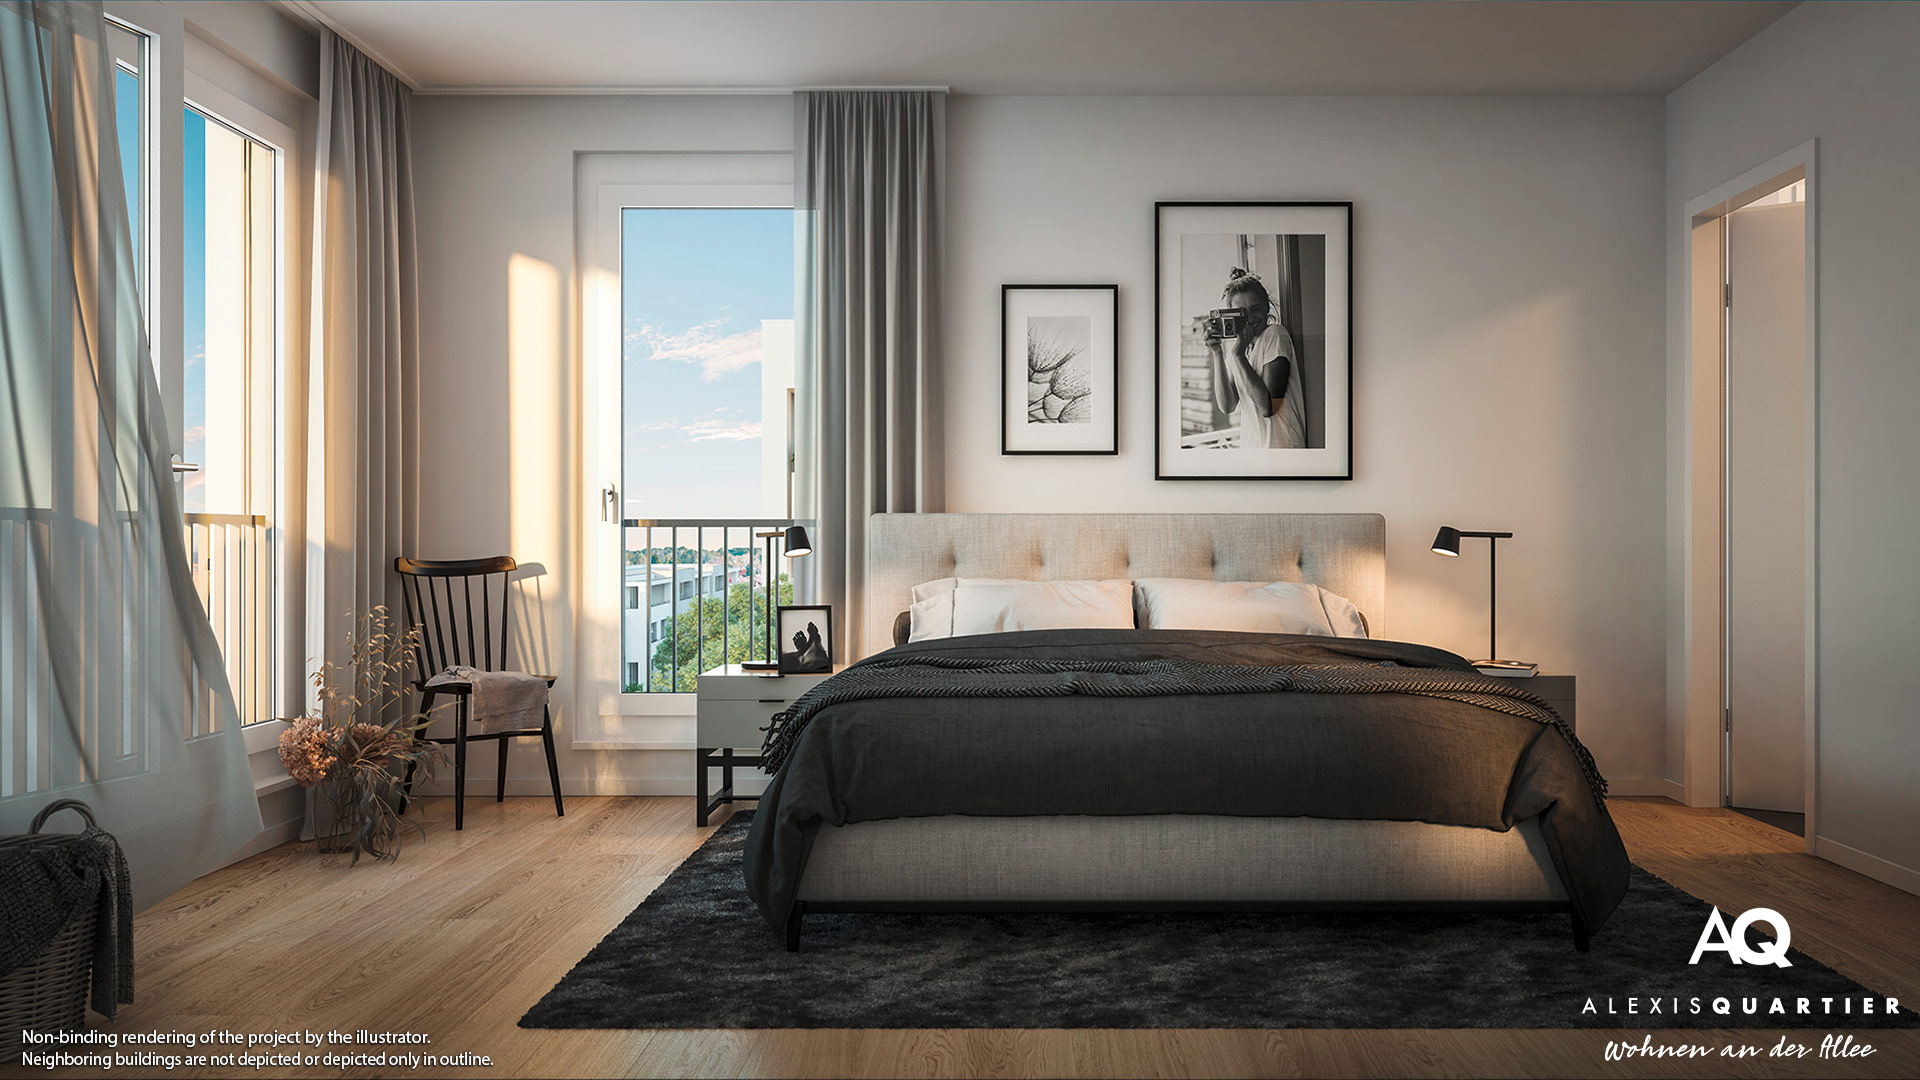 Property Alexisquartier - Wohnen an der Allee - Illustration 11